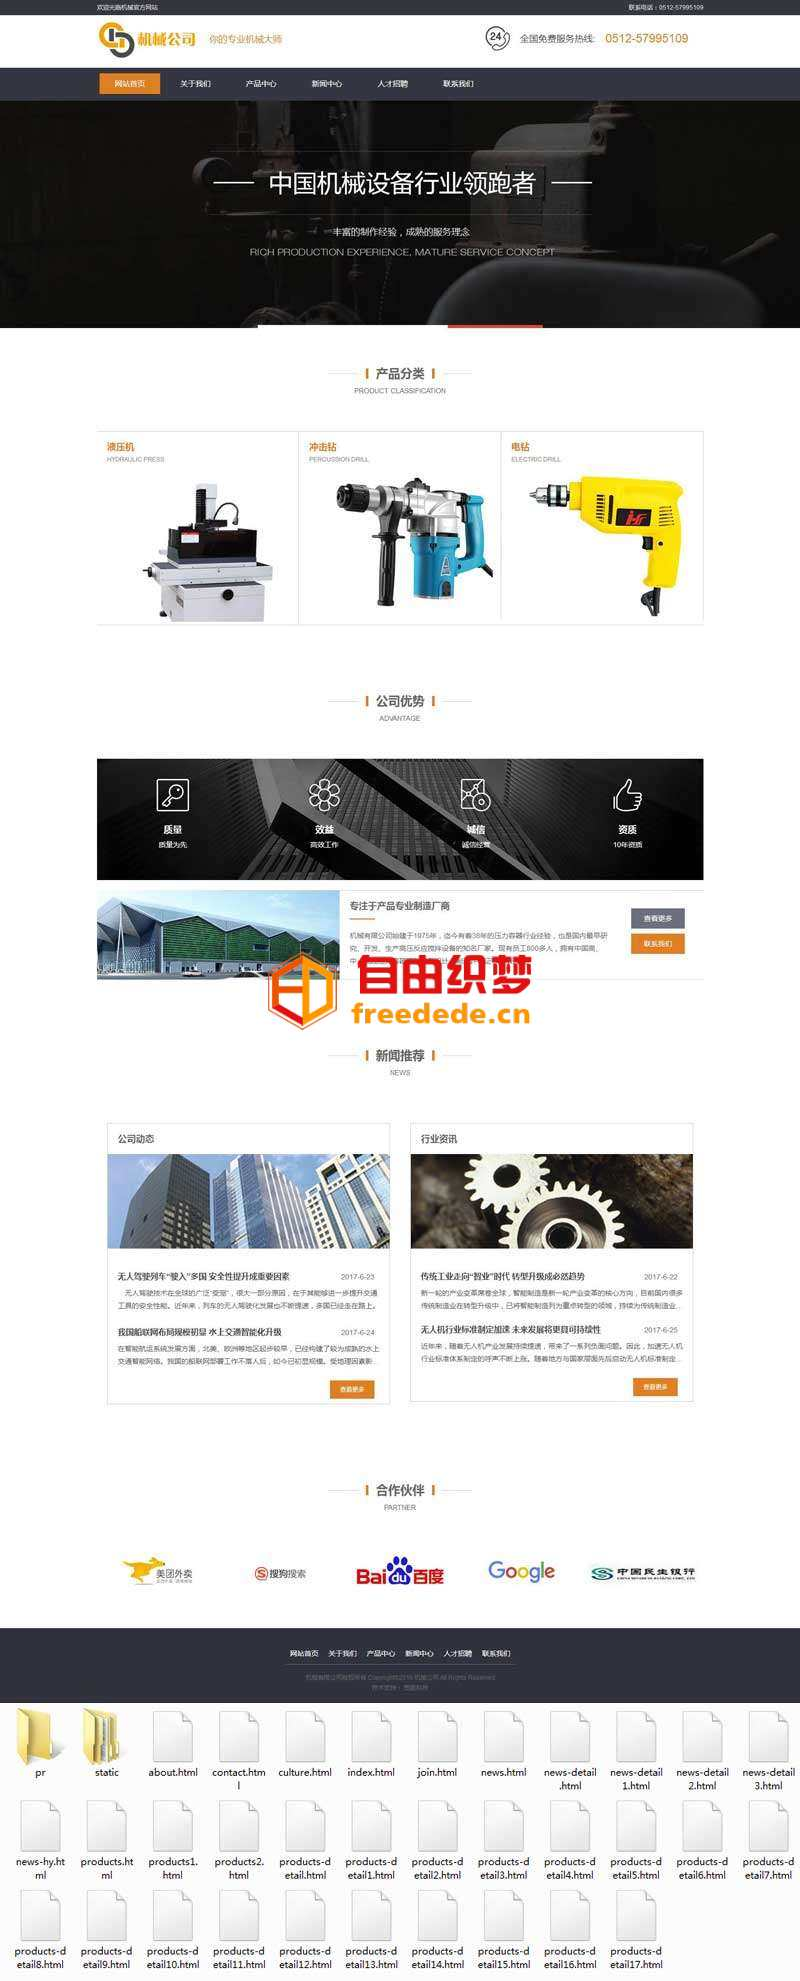 爱上源码网文章大气的机械设备公司官网html模板的内容插图